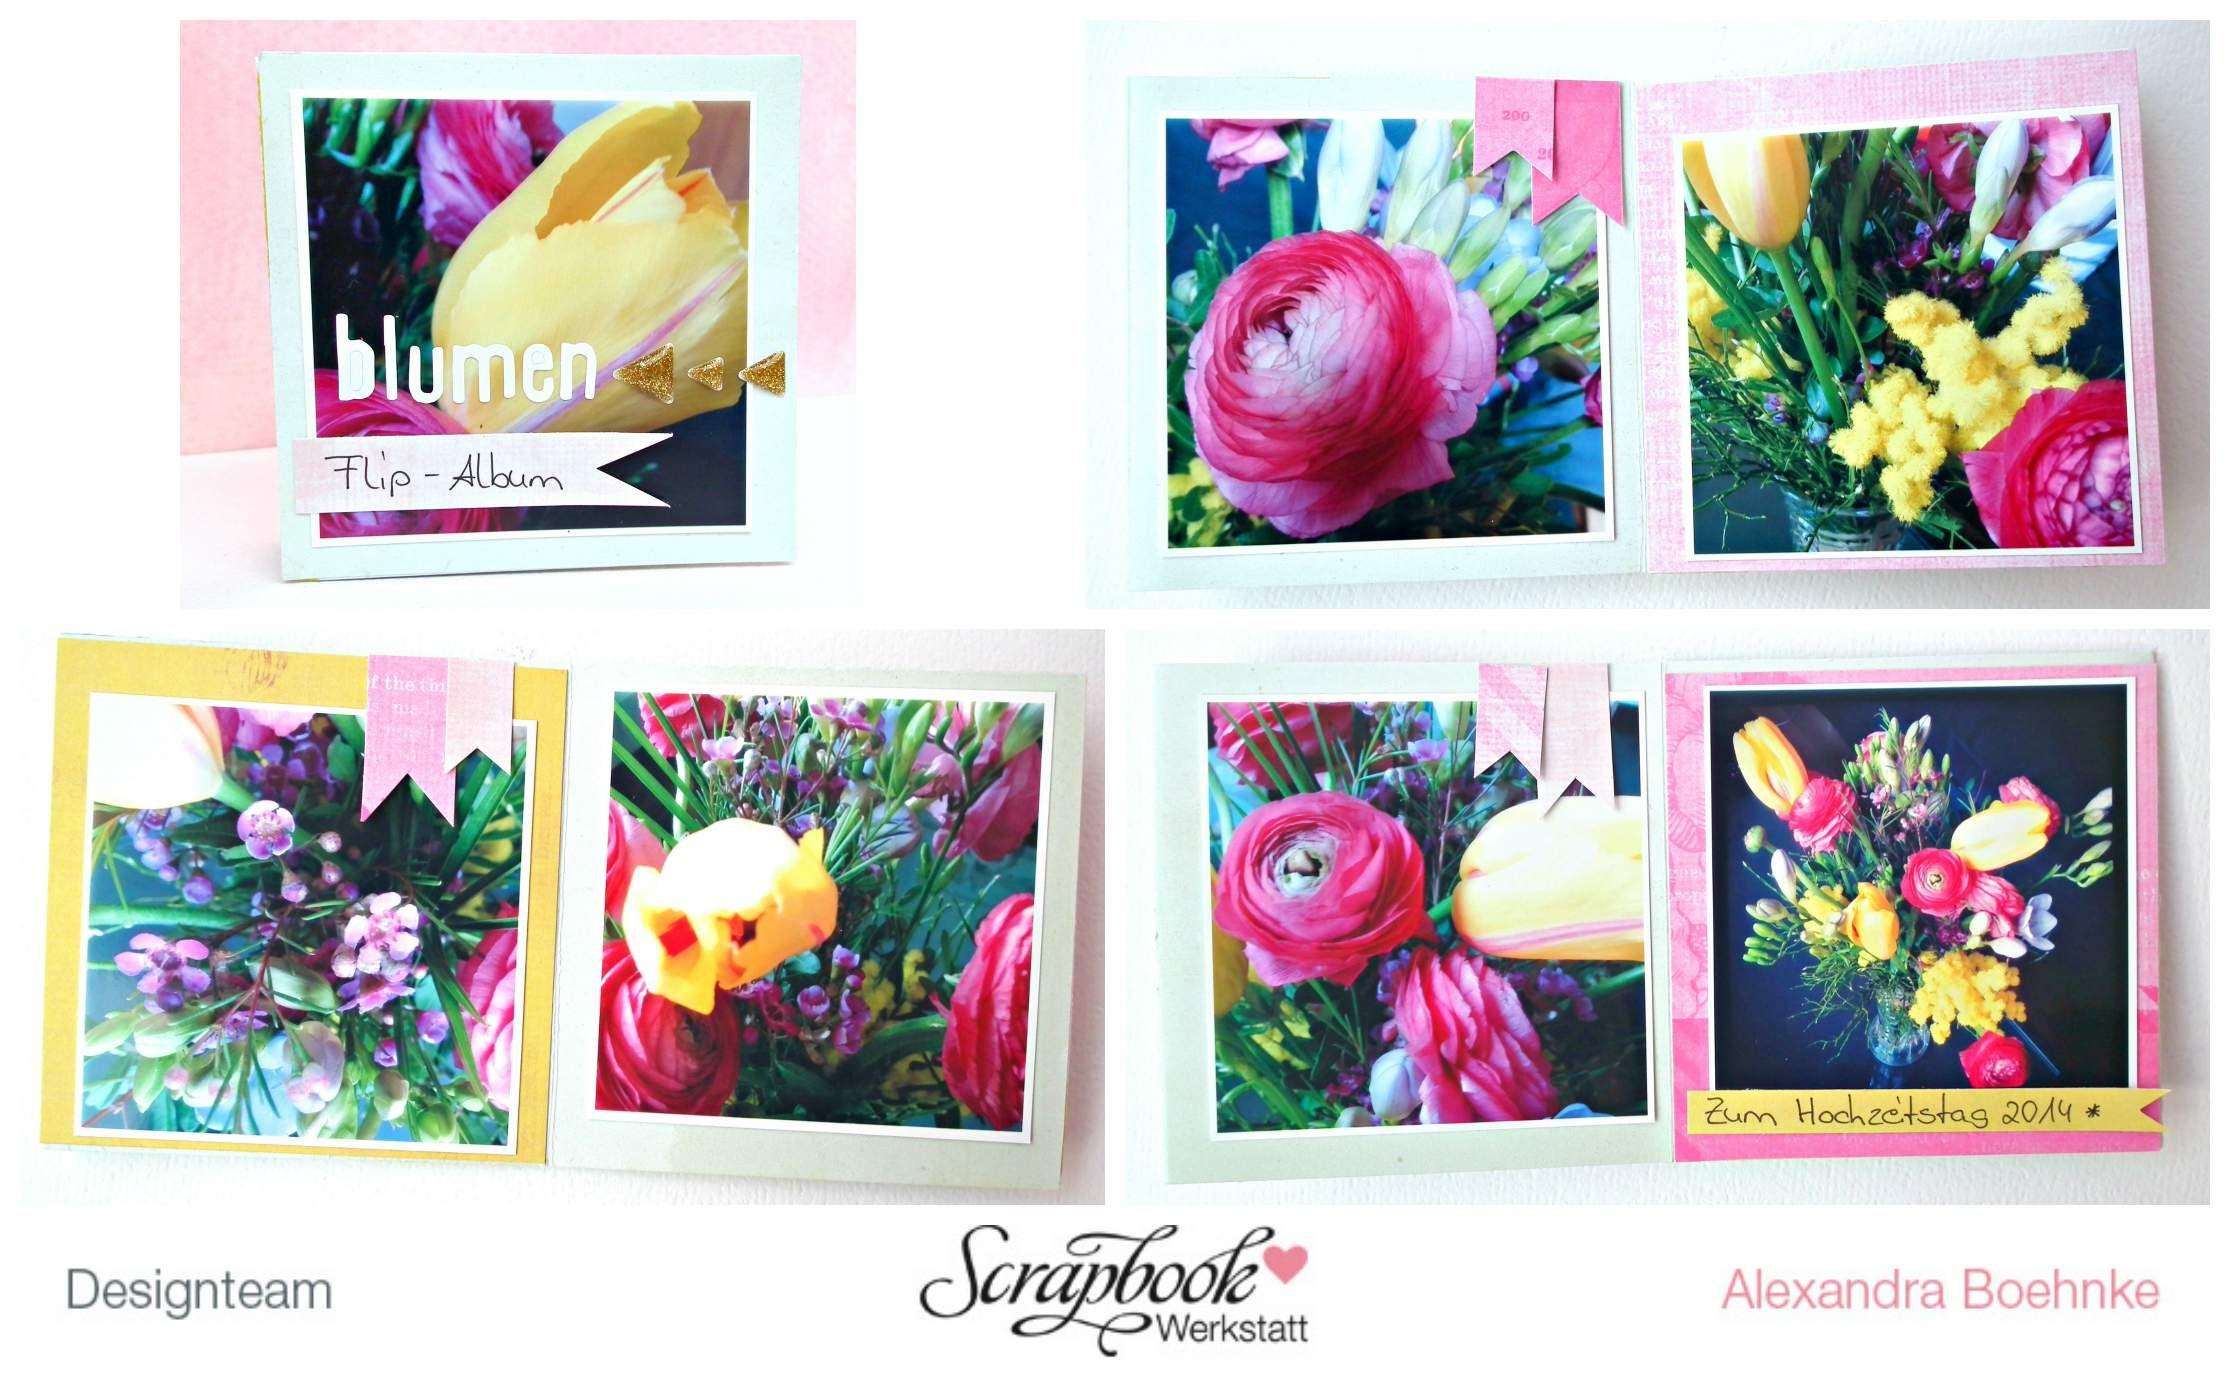 """Mini """"Blumen"""" - Scrapbook Werkstatt September Kit 2014 - designed by Alexandra Boehnke (Tandi-Works)"""